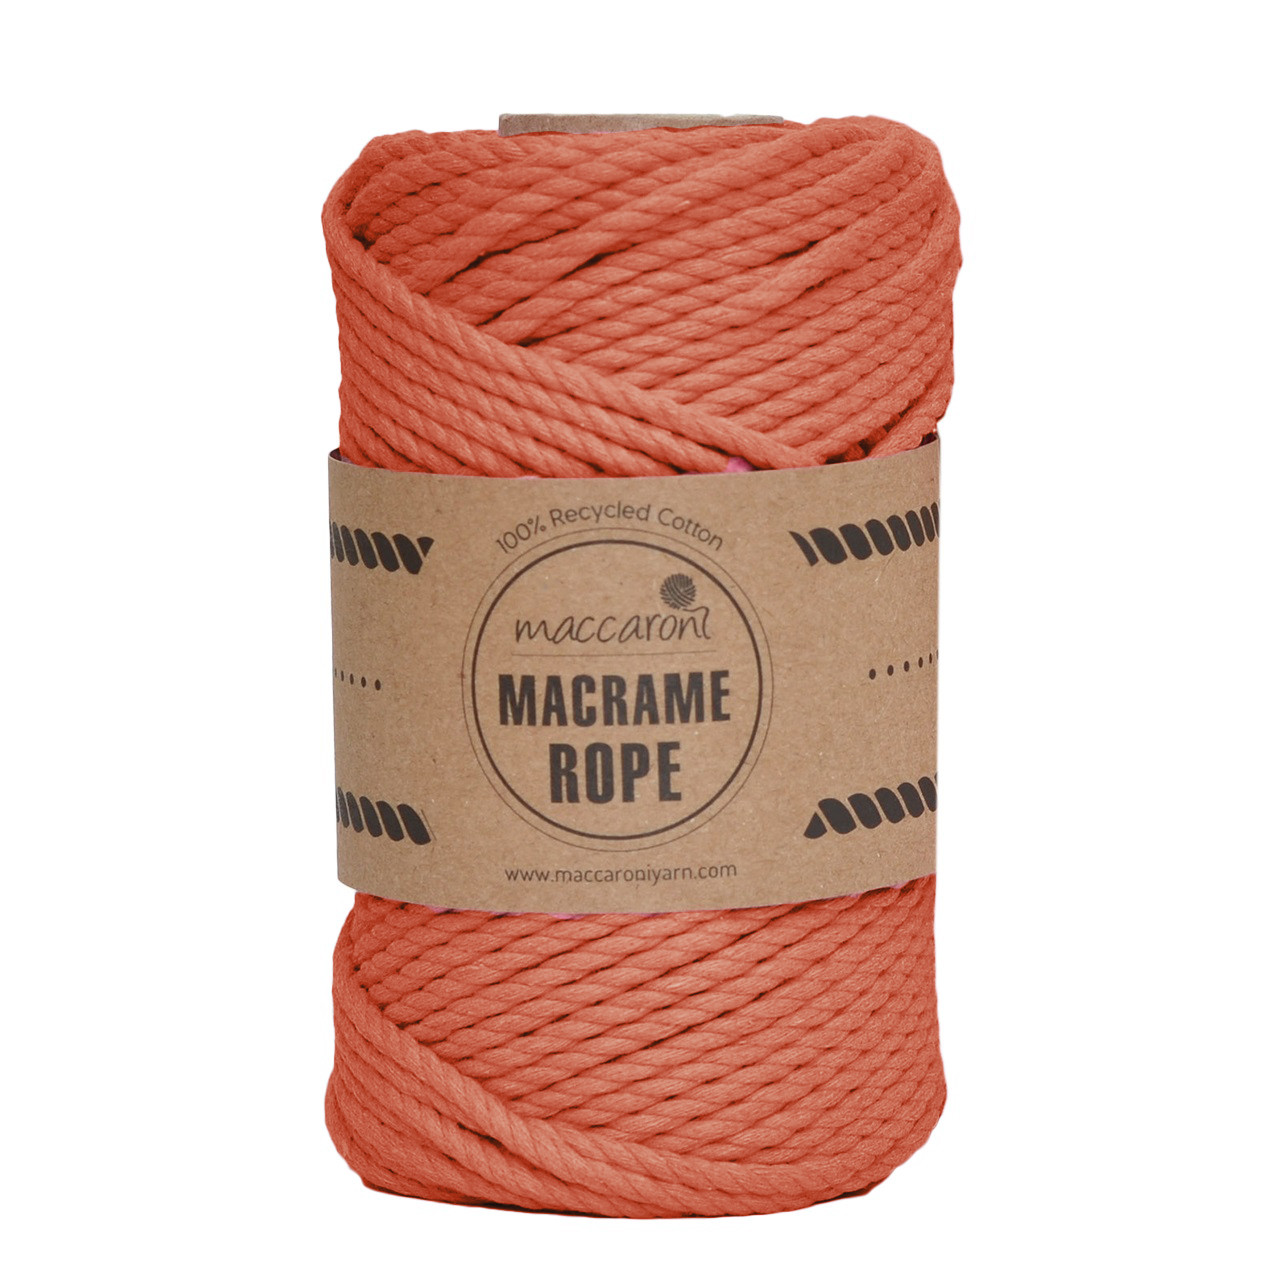 Бавовняний шнур Maccaroni Macrame Rope 4 mm Теракотовий